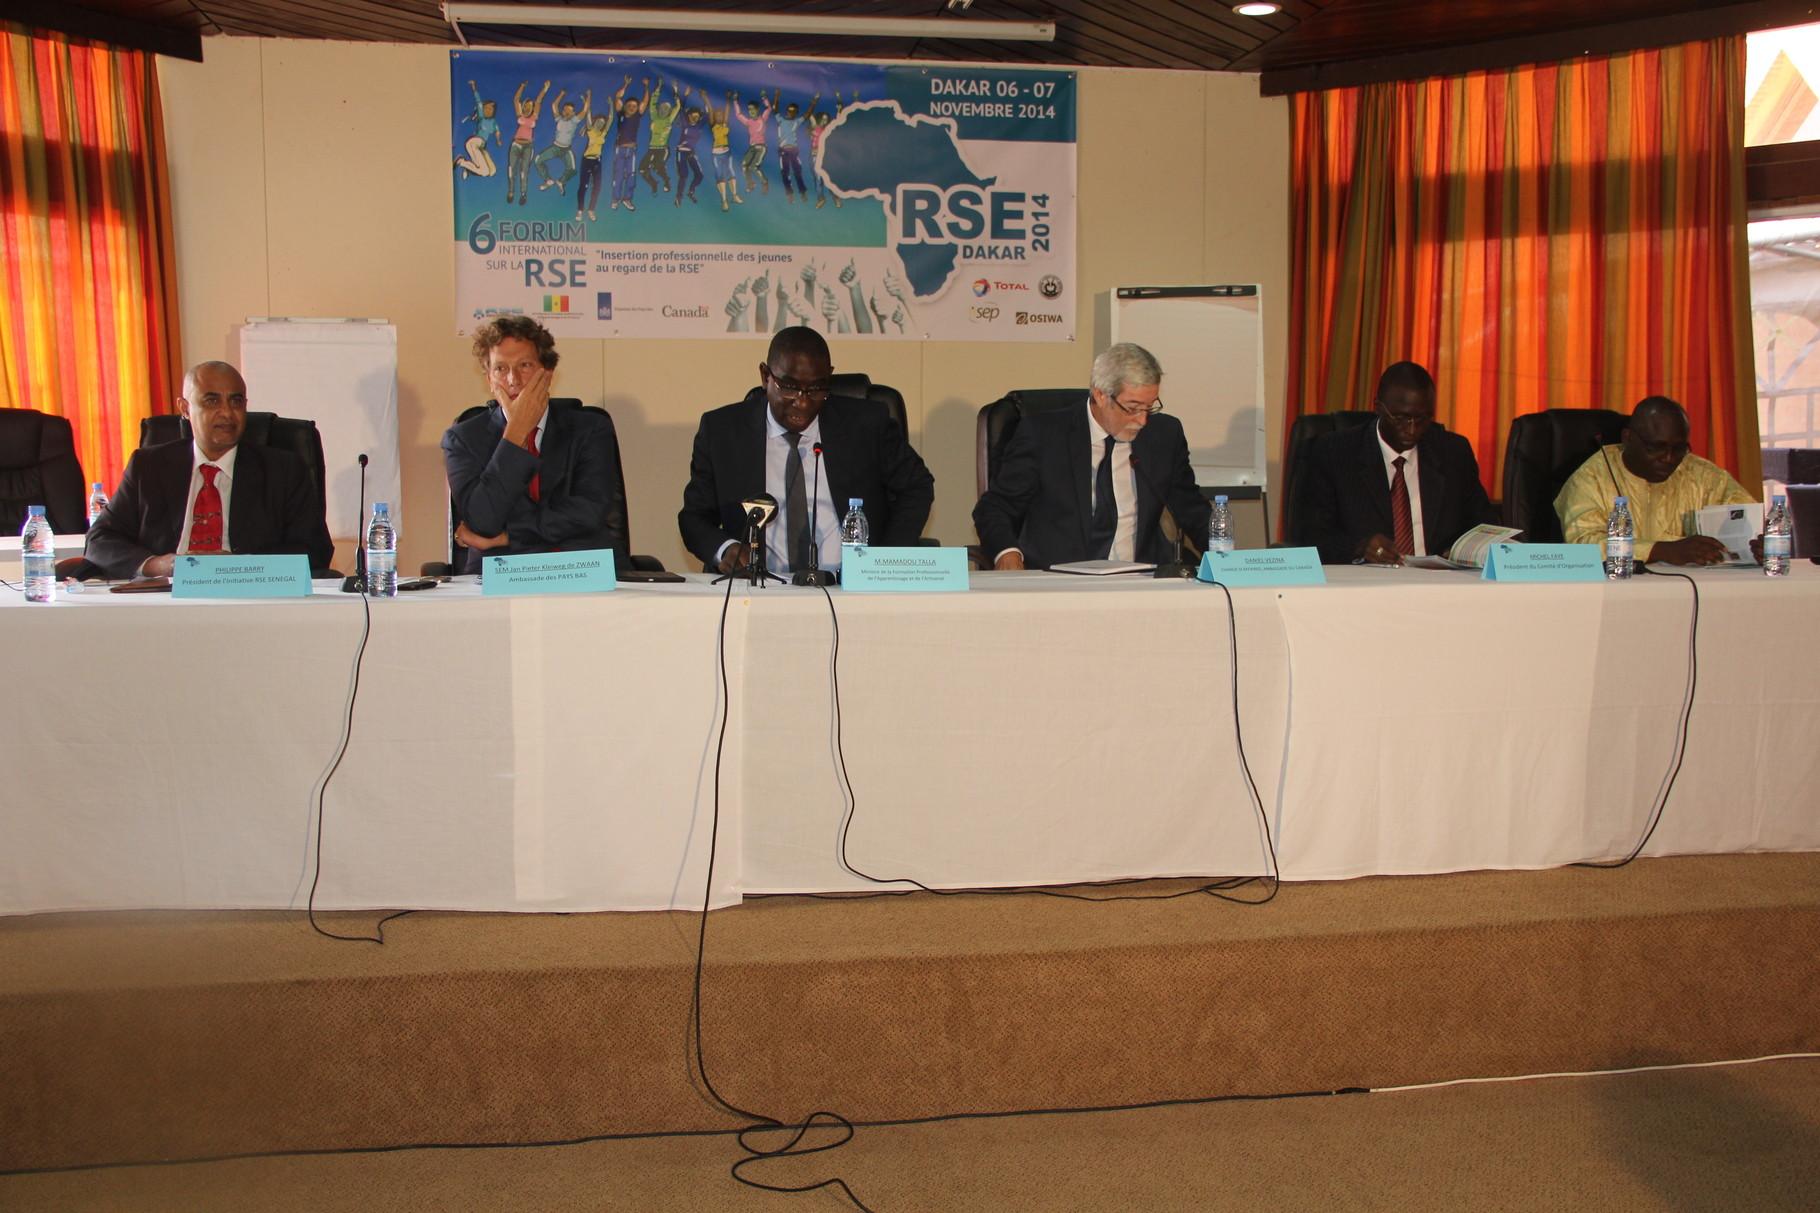 Forum RSE Senegal 2014 - parrainage : Ministère chargé de la Formation Professionnelle